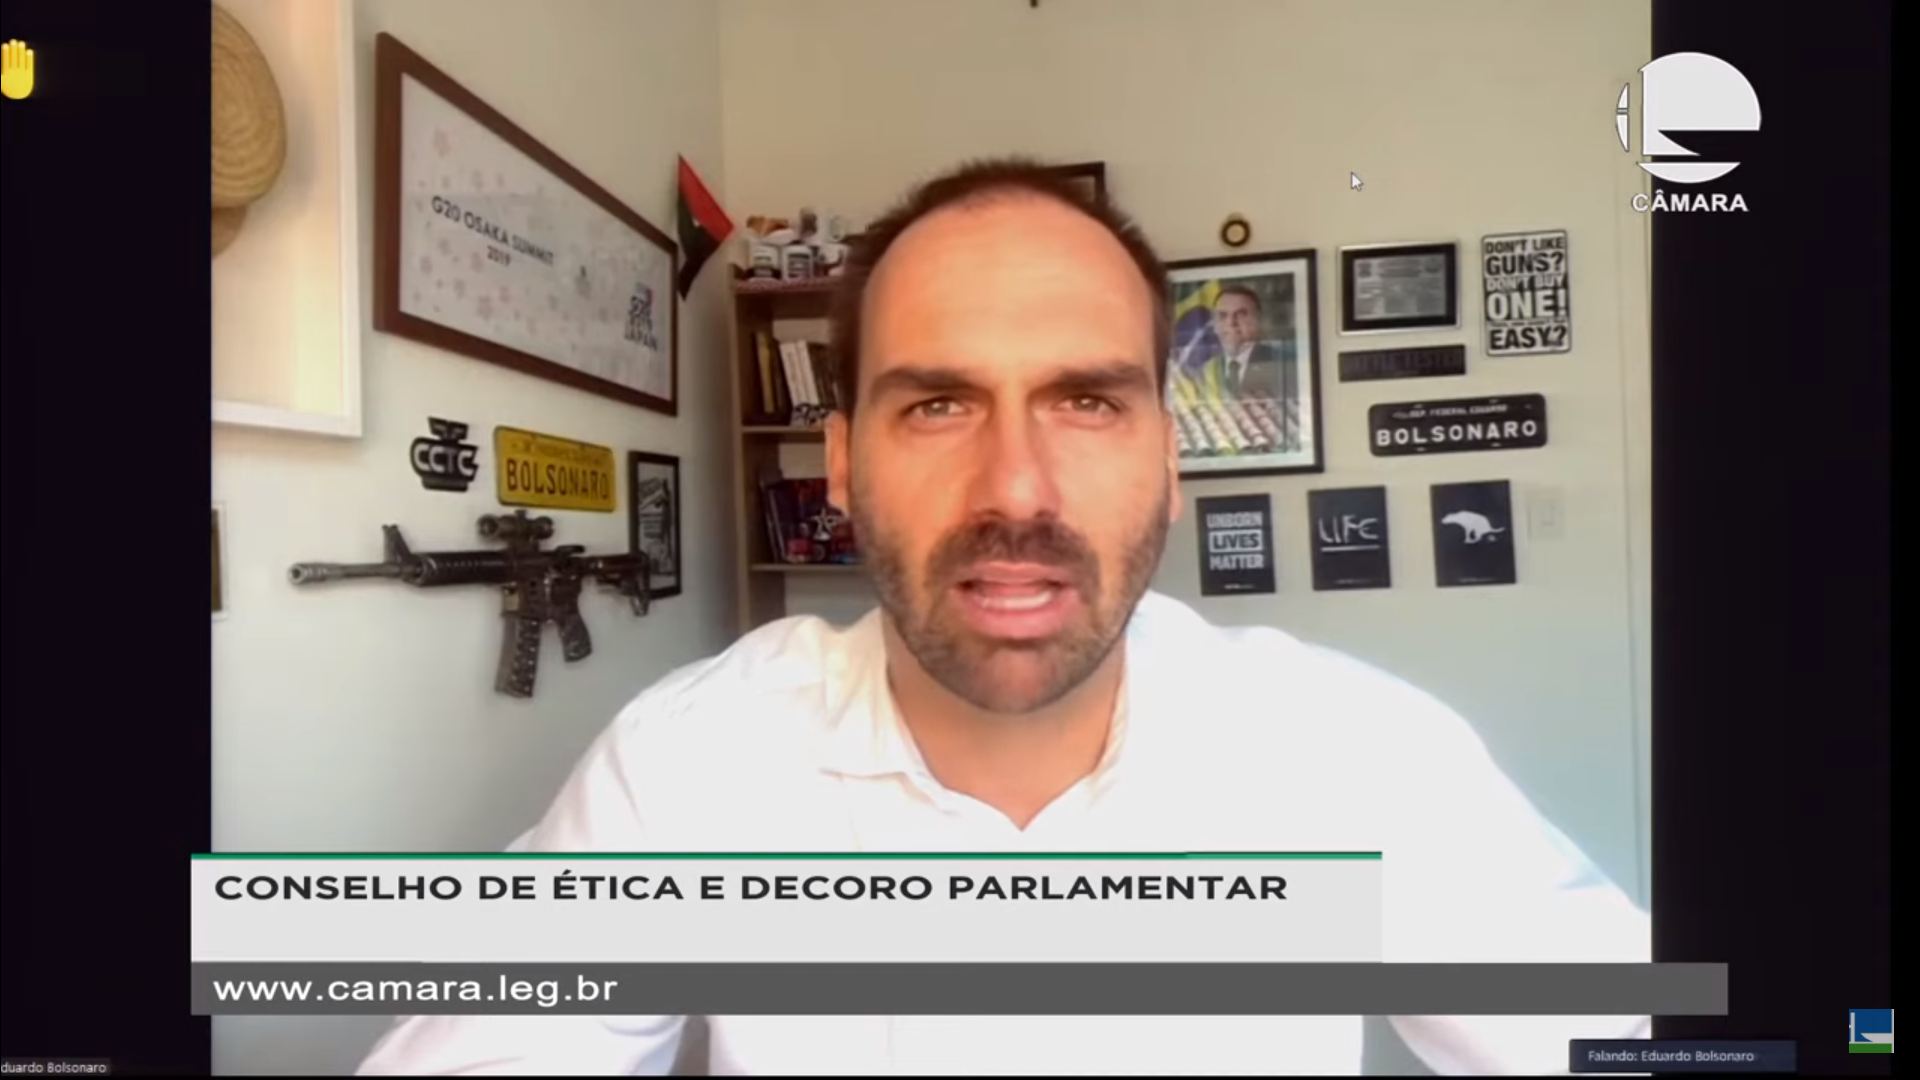 IMAGEM: Conselho de Ética arquiva processo contra Eduardo Bolsonaro por 'novo AI-5'